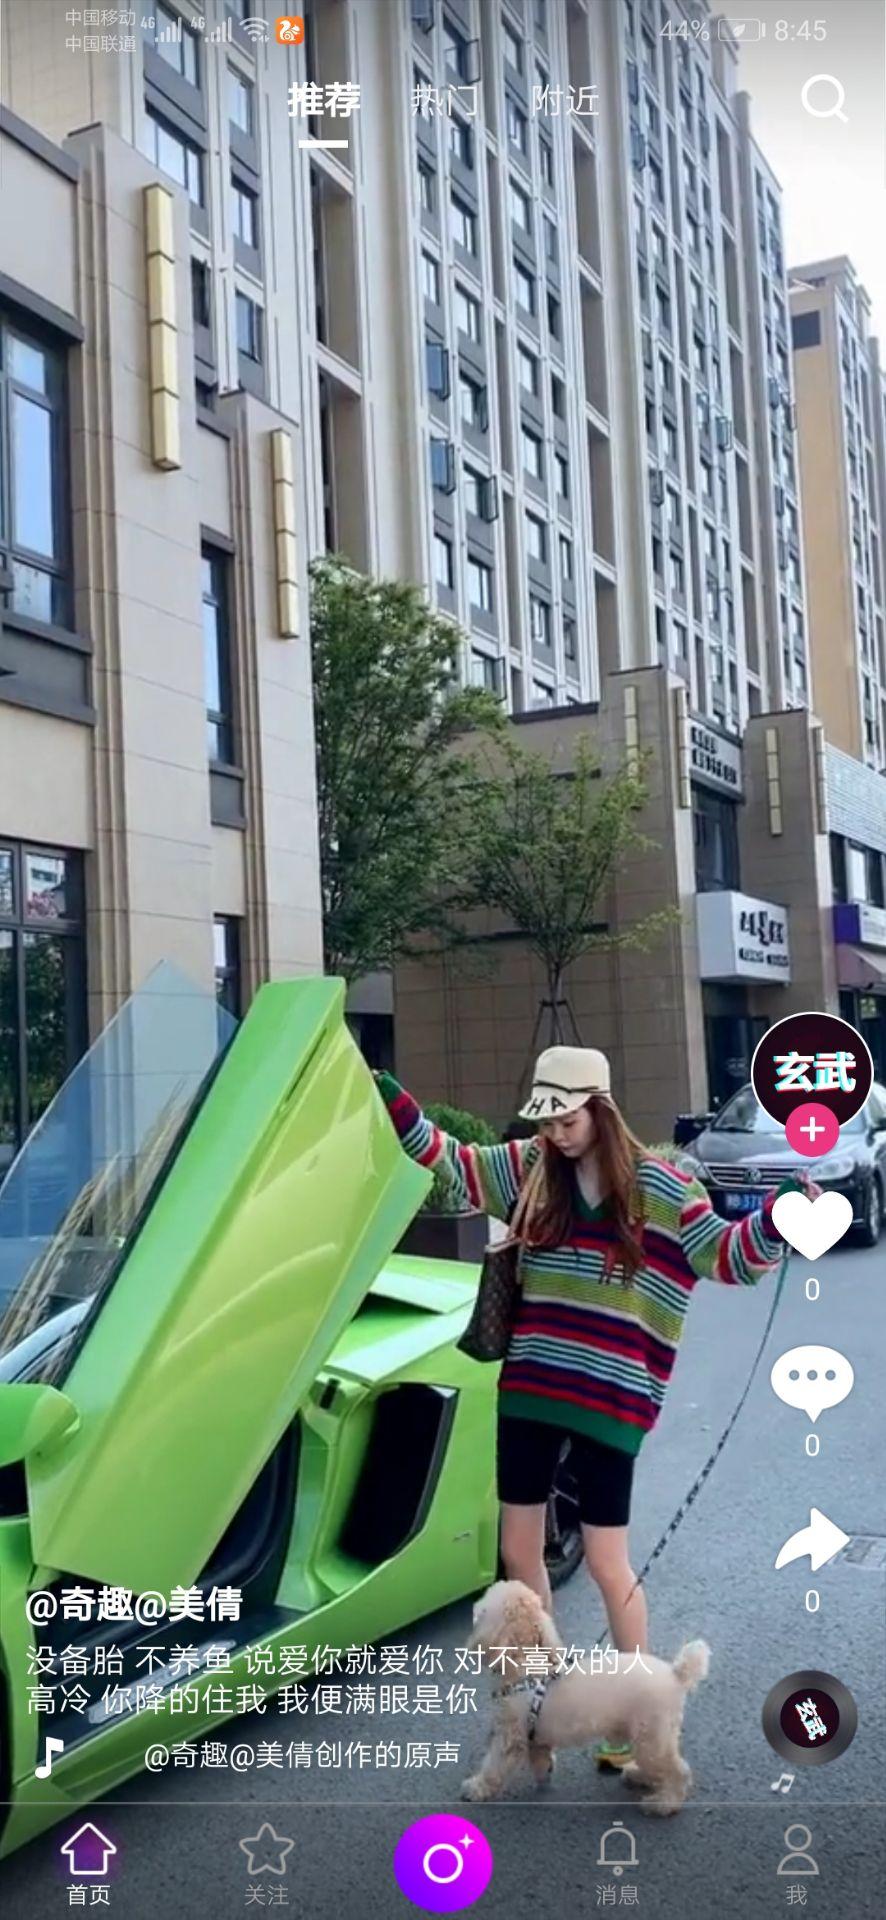 java开发精仿抖音短视频源码完整端-玖居暗巷